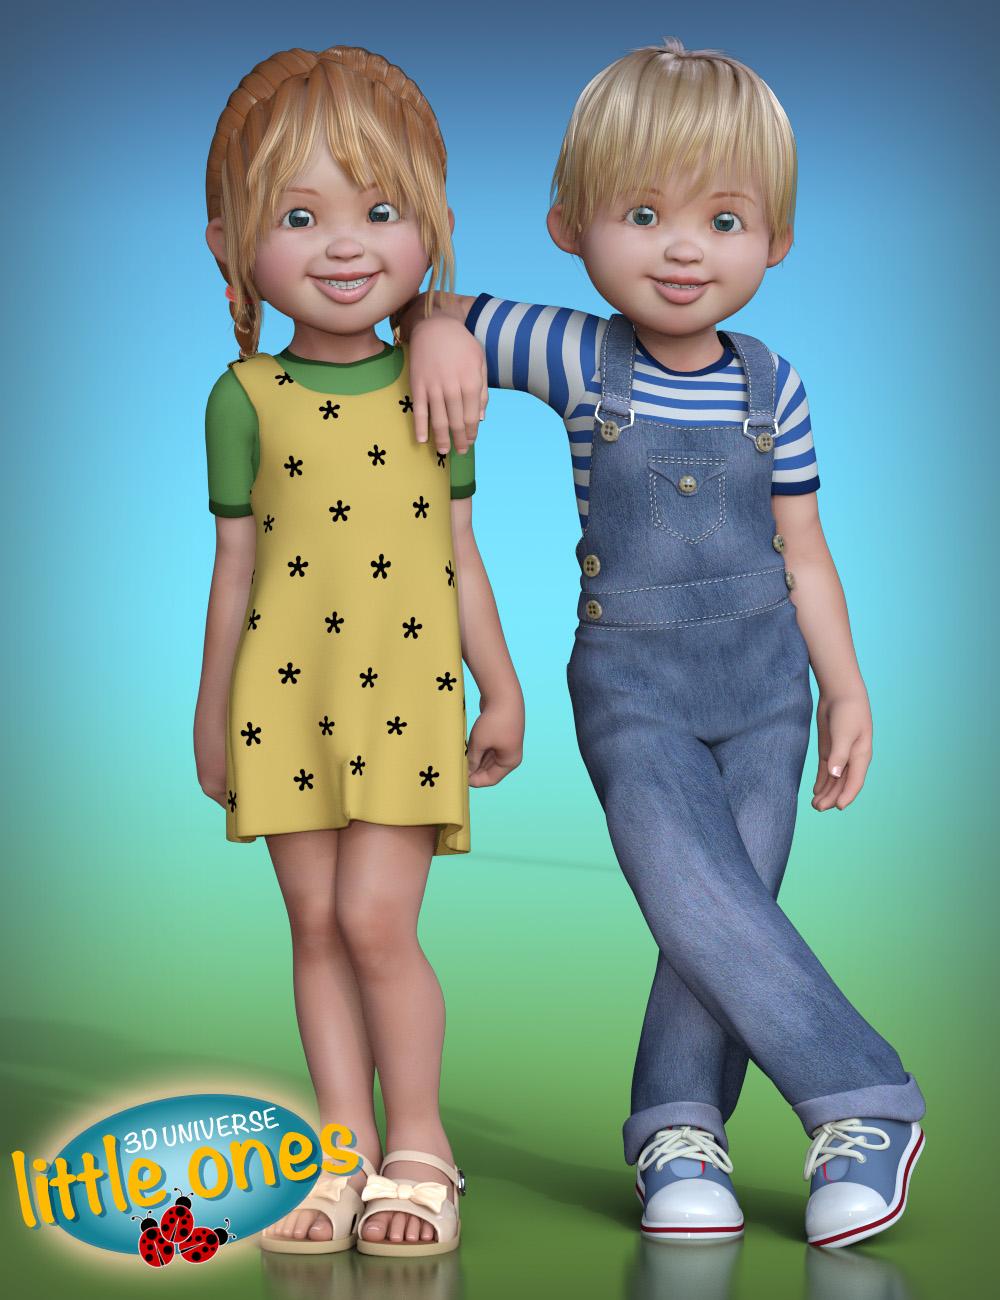 Little Ones (Caucasian) for Genesis 3 by: 3D Universe, 3D Models by Daz 3D